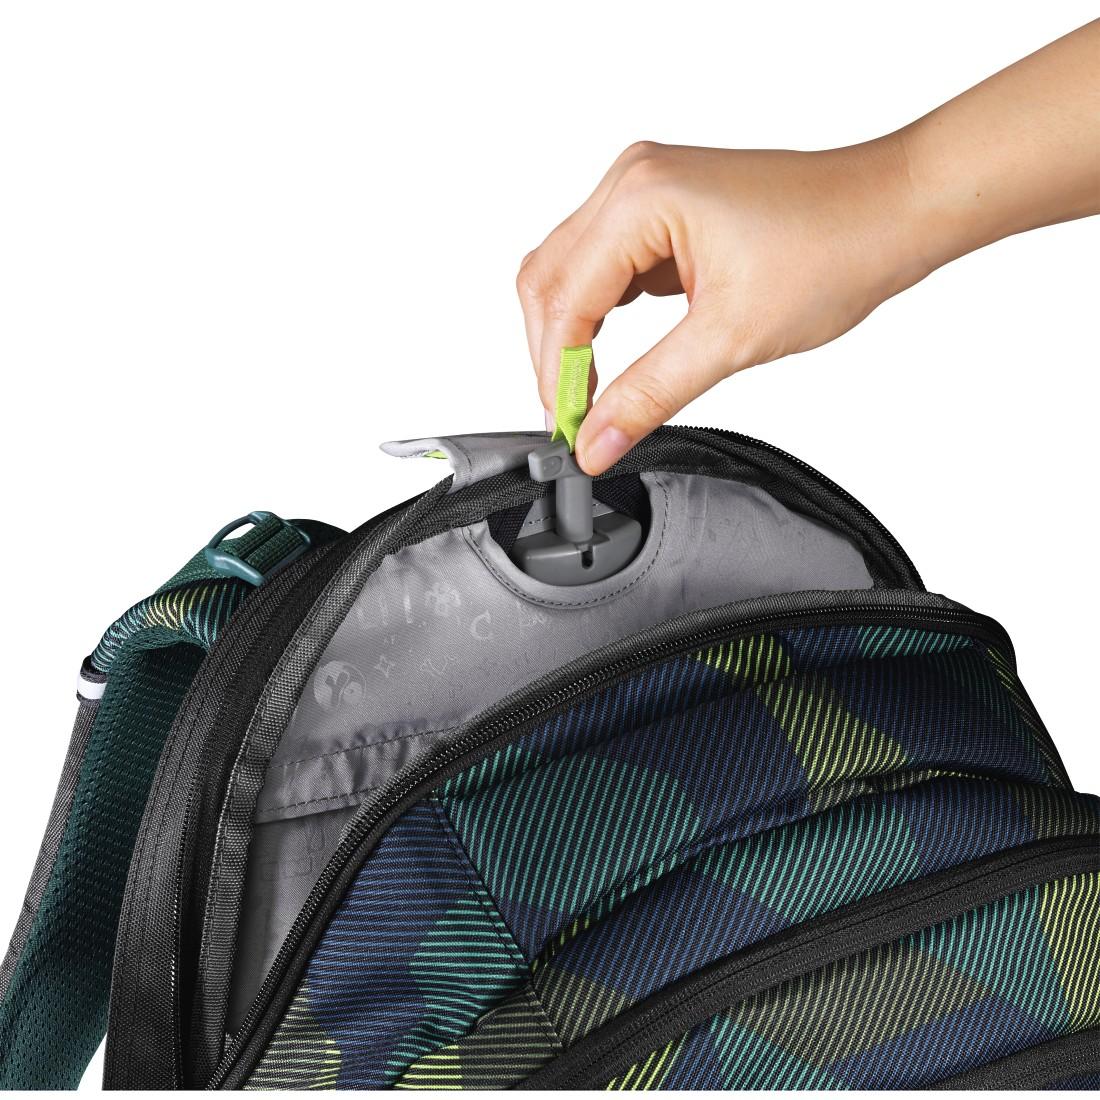 be6a78c01be Dlouho očekávaná novinka - školní batoh coocazoo s posuvnými zády. Díky  geniálnímu mechanismu uvnitř batohu